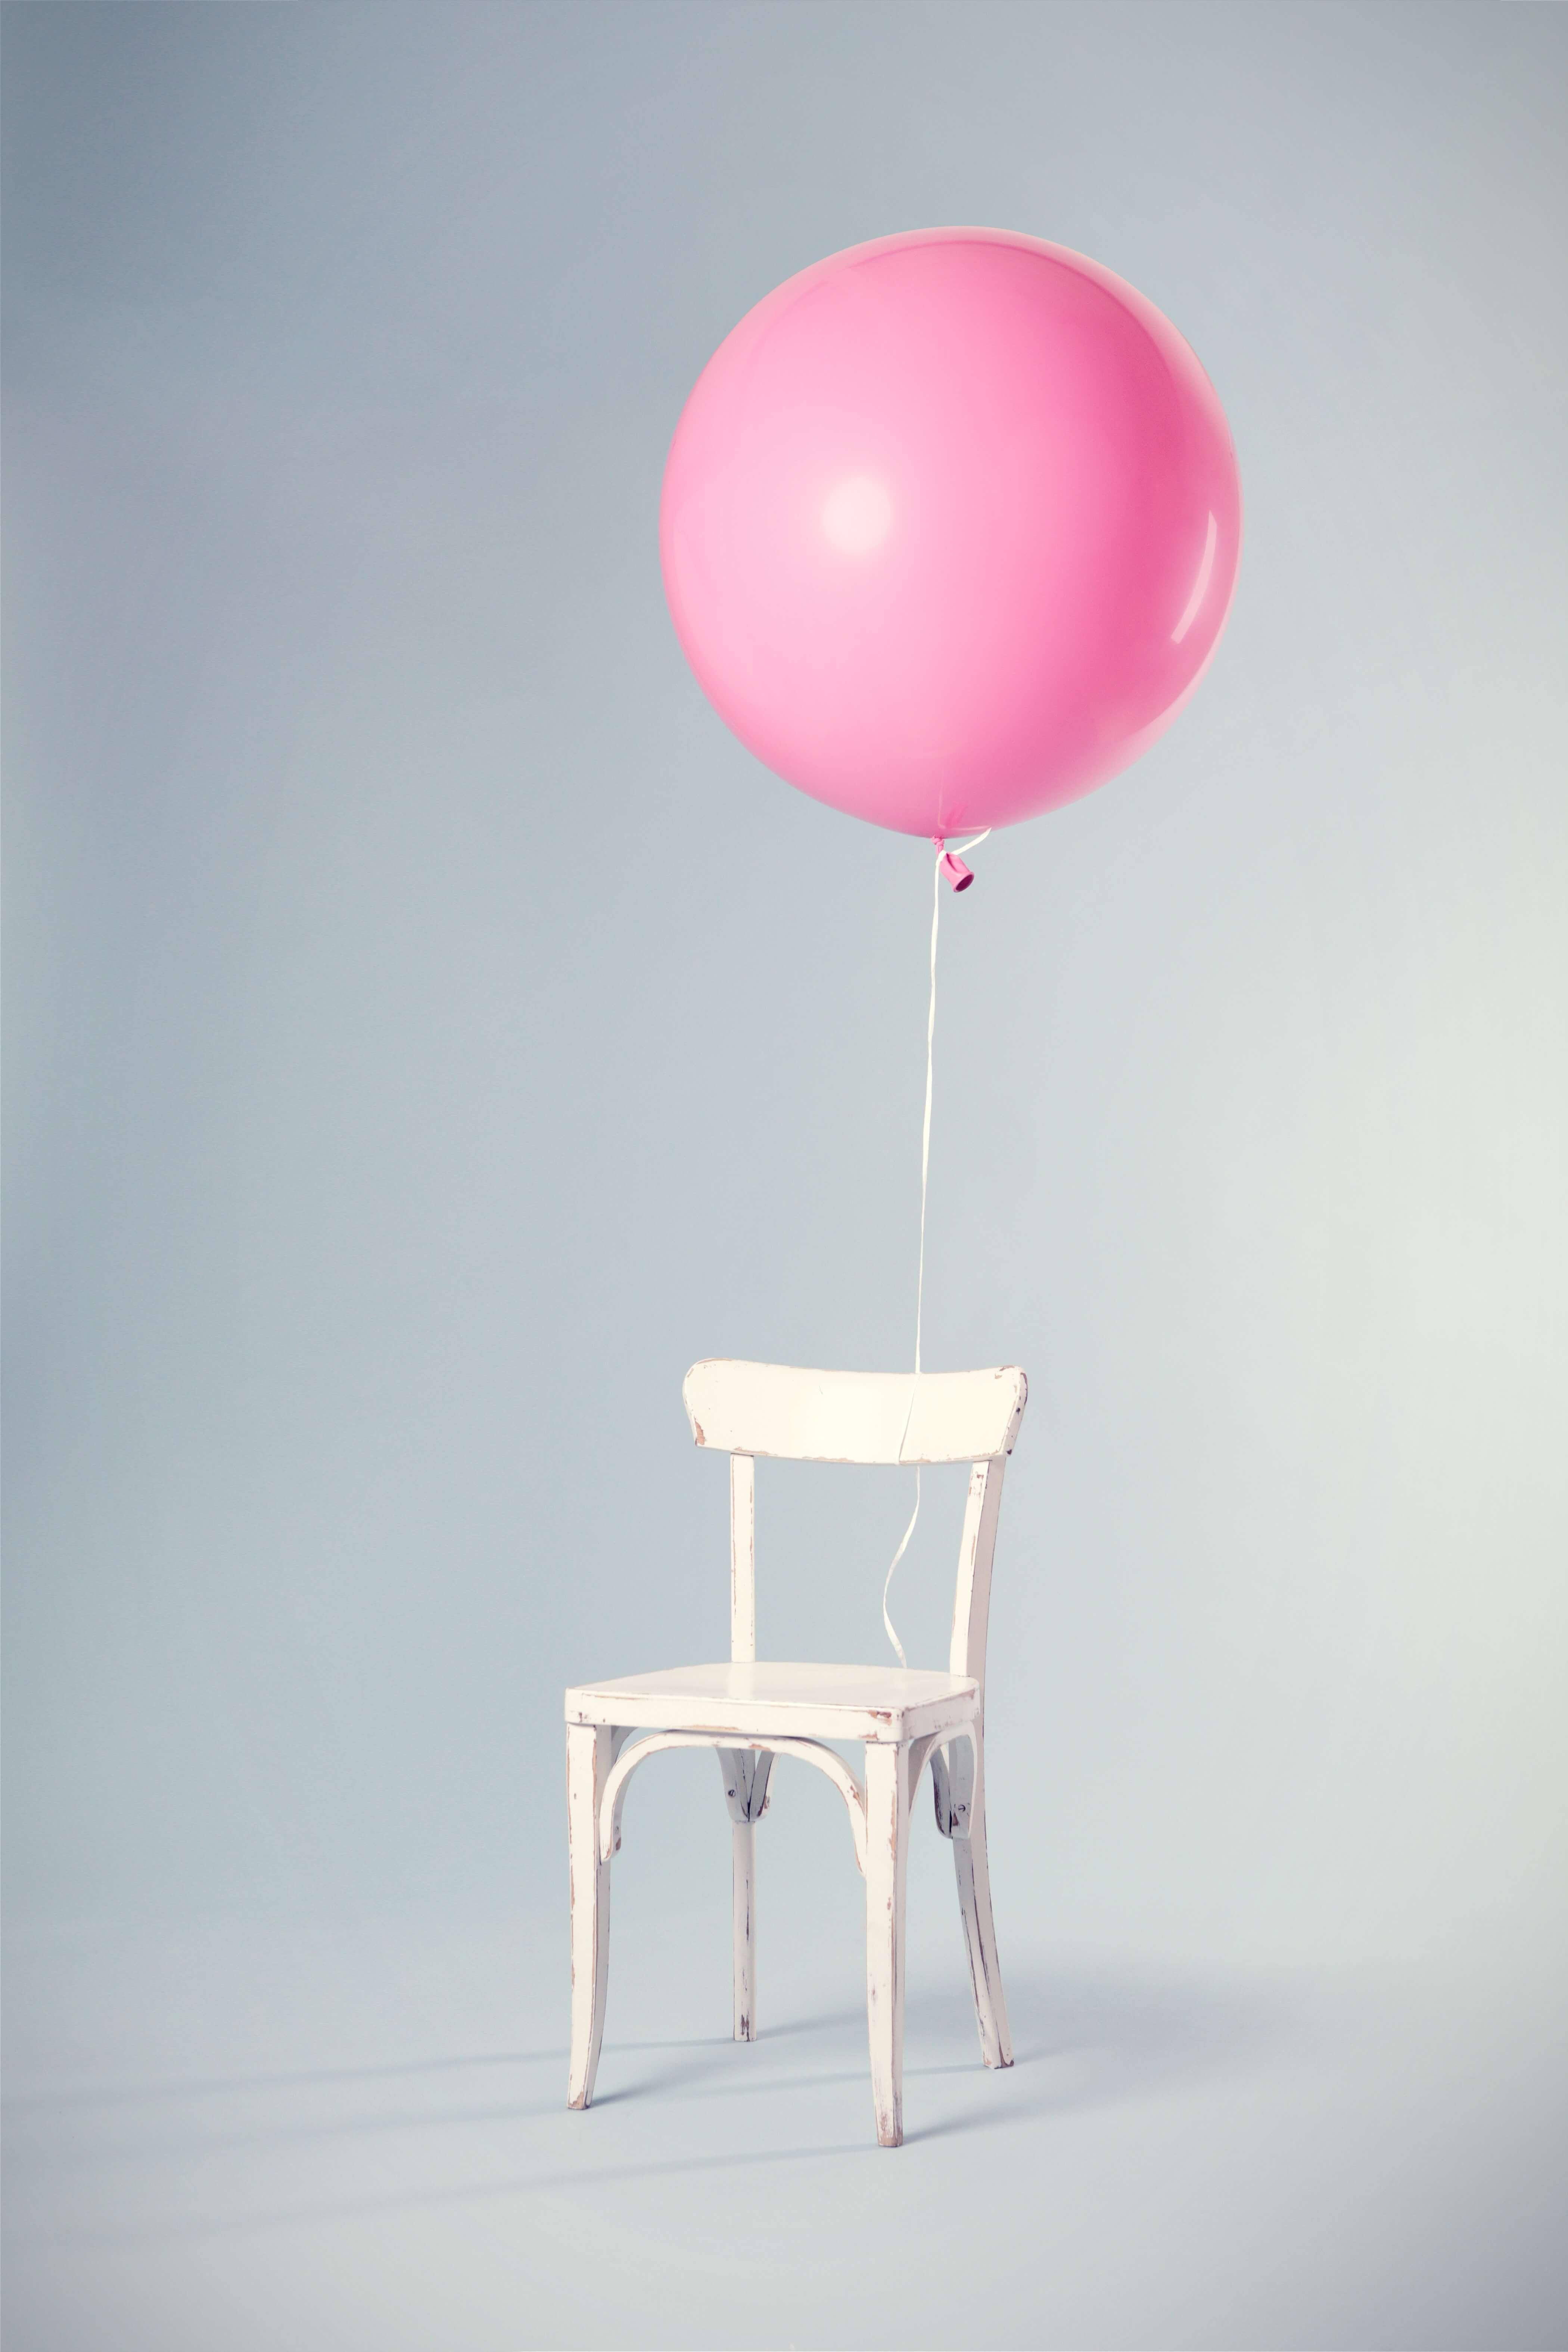 Möbel Aussortieren, Möbel Entrümpeln, Ausmisten, Möbel Weggeben, Möbel  Ausrangieren, Möbel Vintage